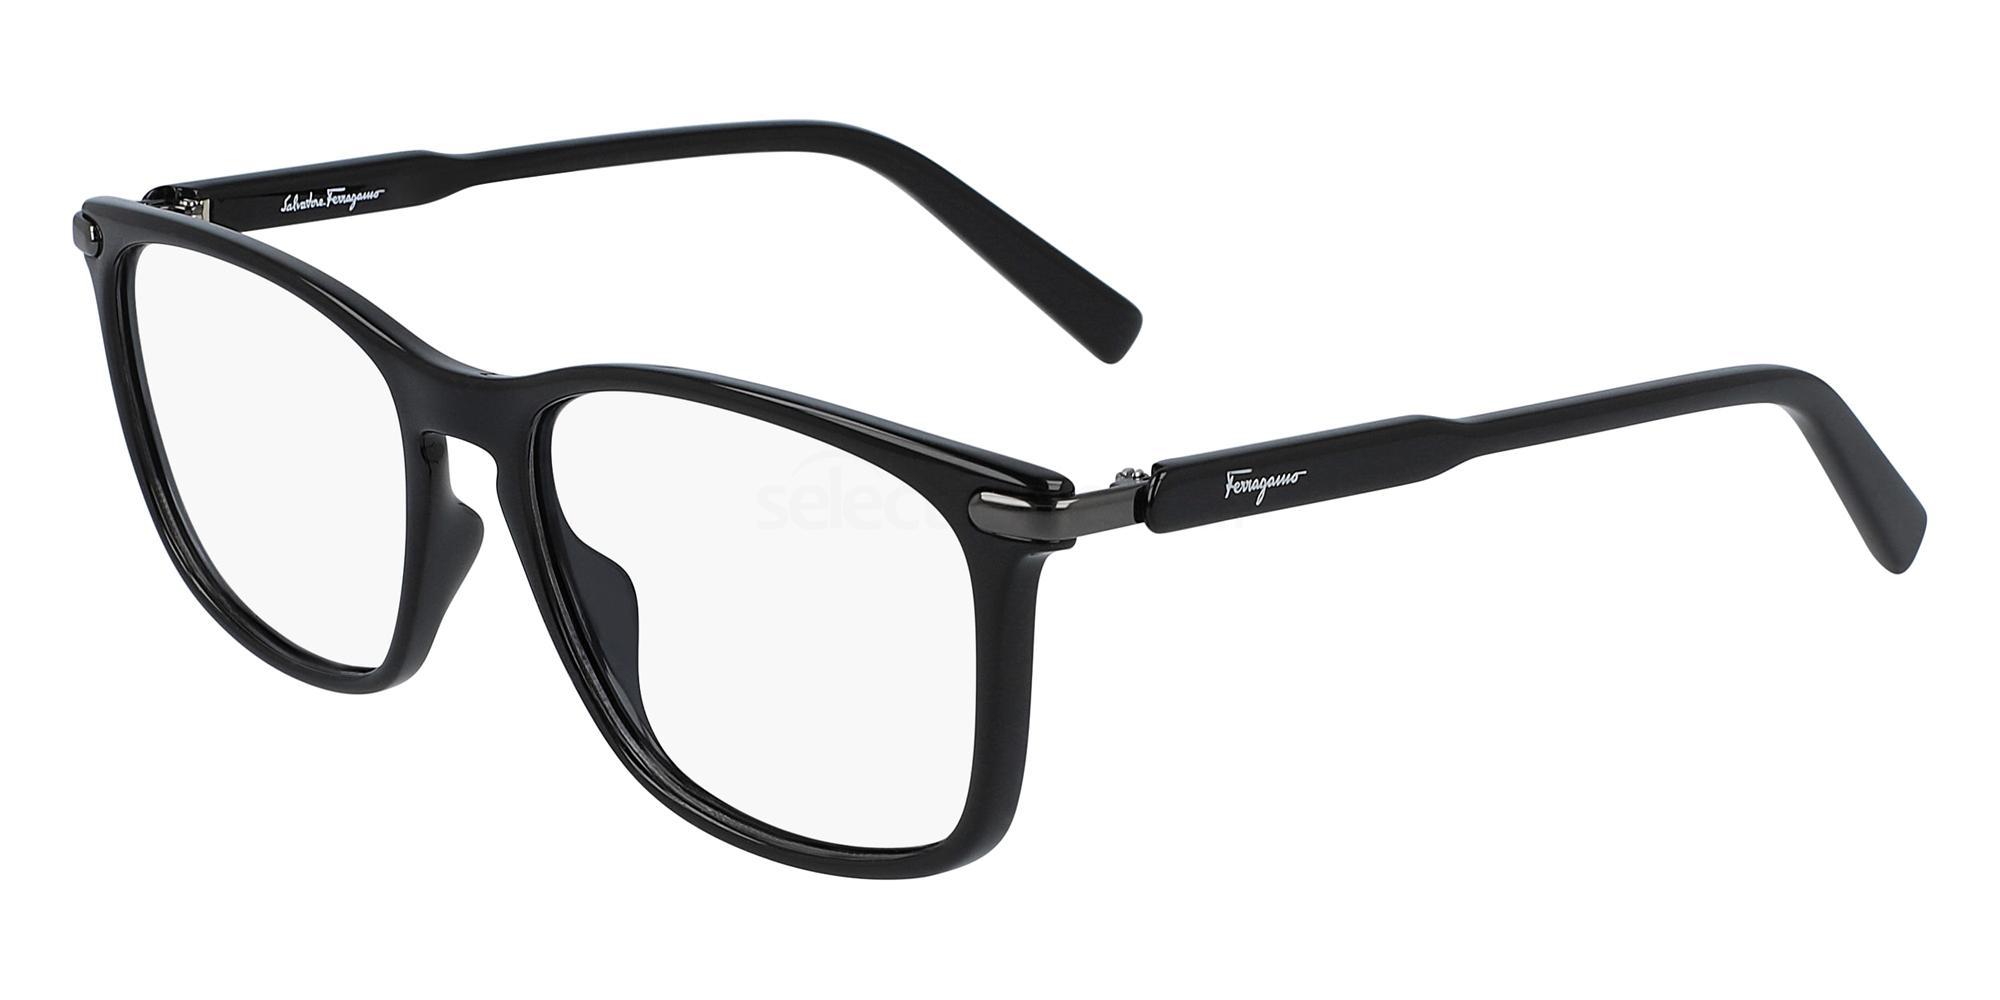 001 SF2839 Glasses, Salvatore Ferragamo